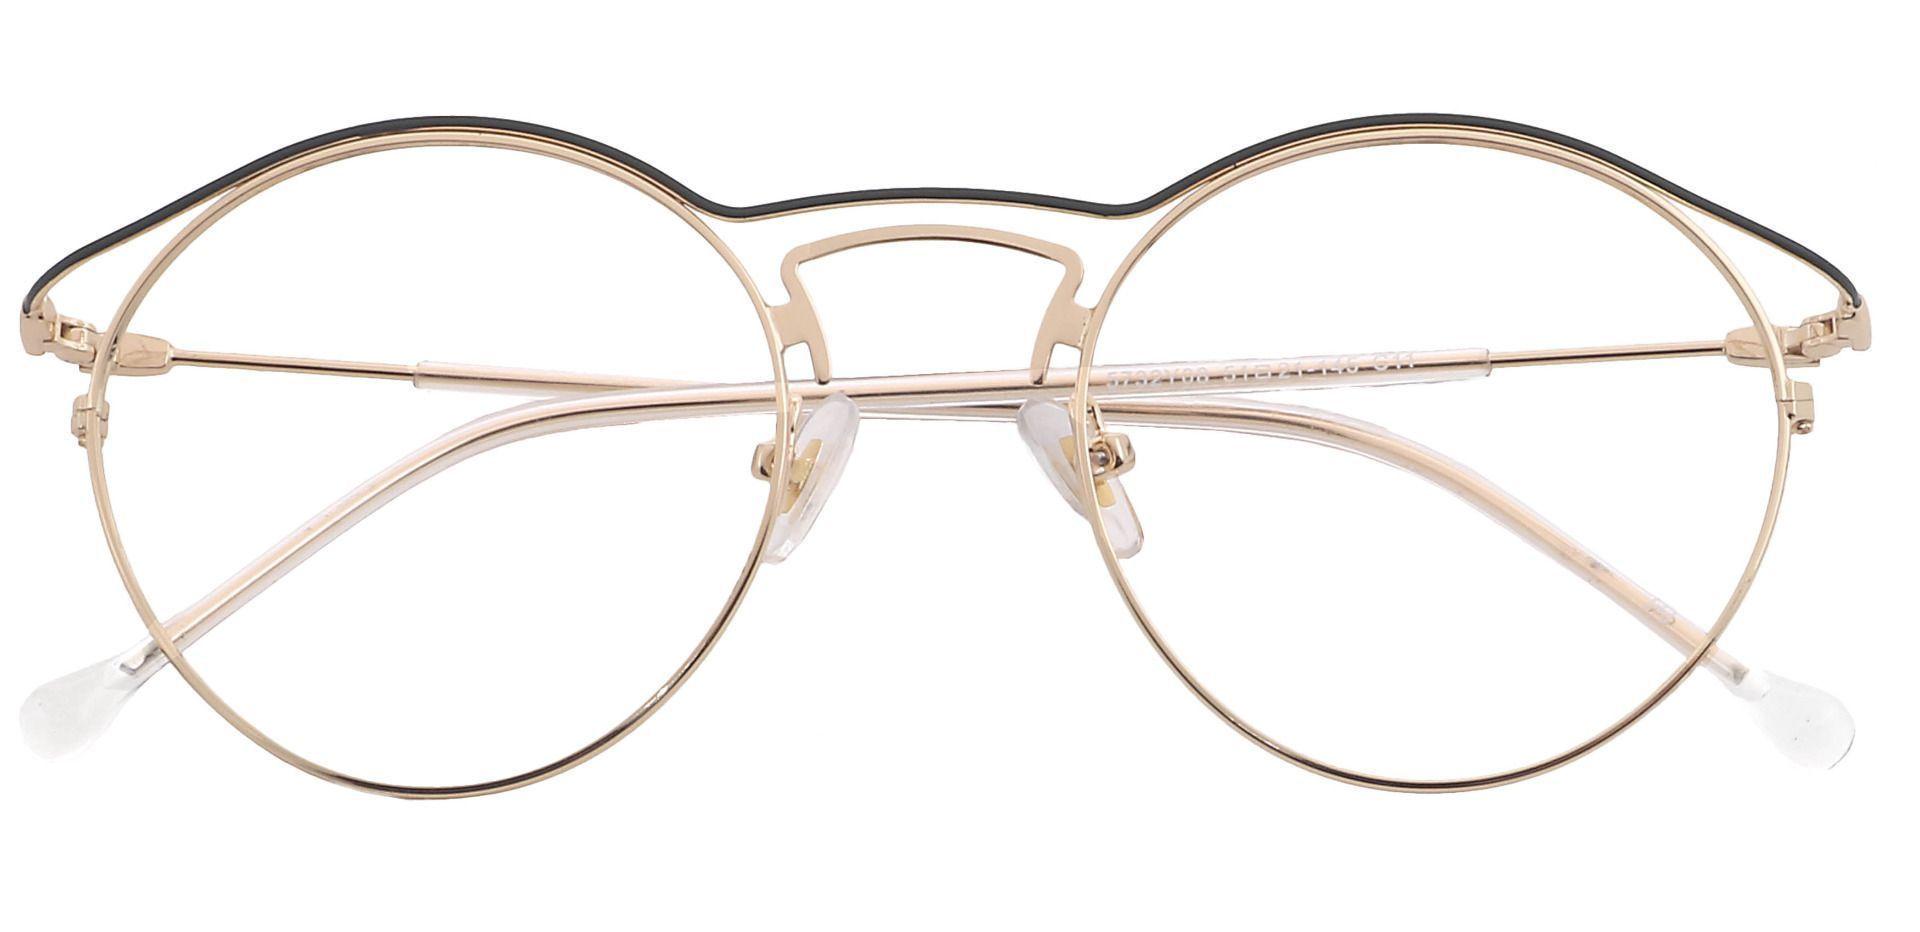 Milan Round Eyeglasses Frame - Yellow